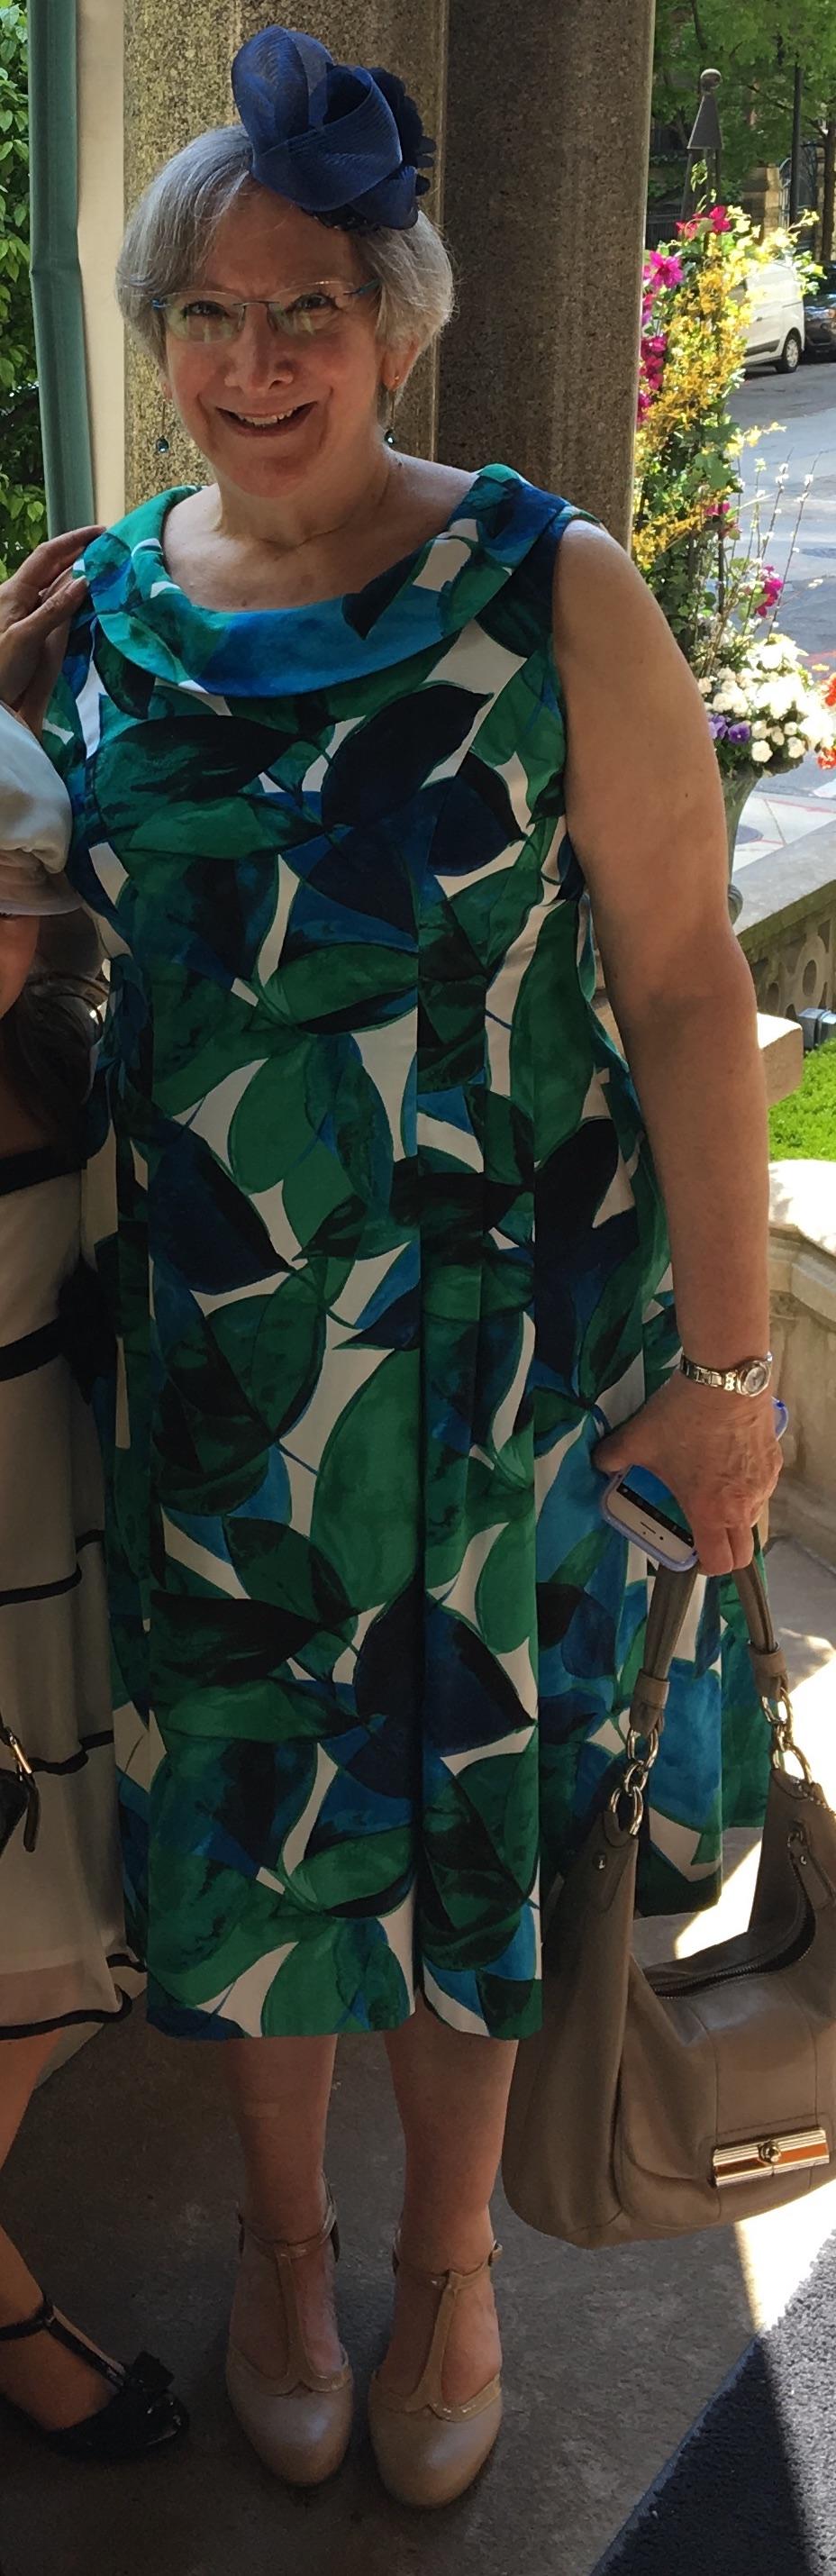 Leaf dress by Wendy Grossman